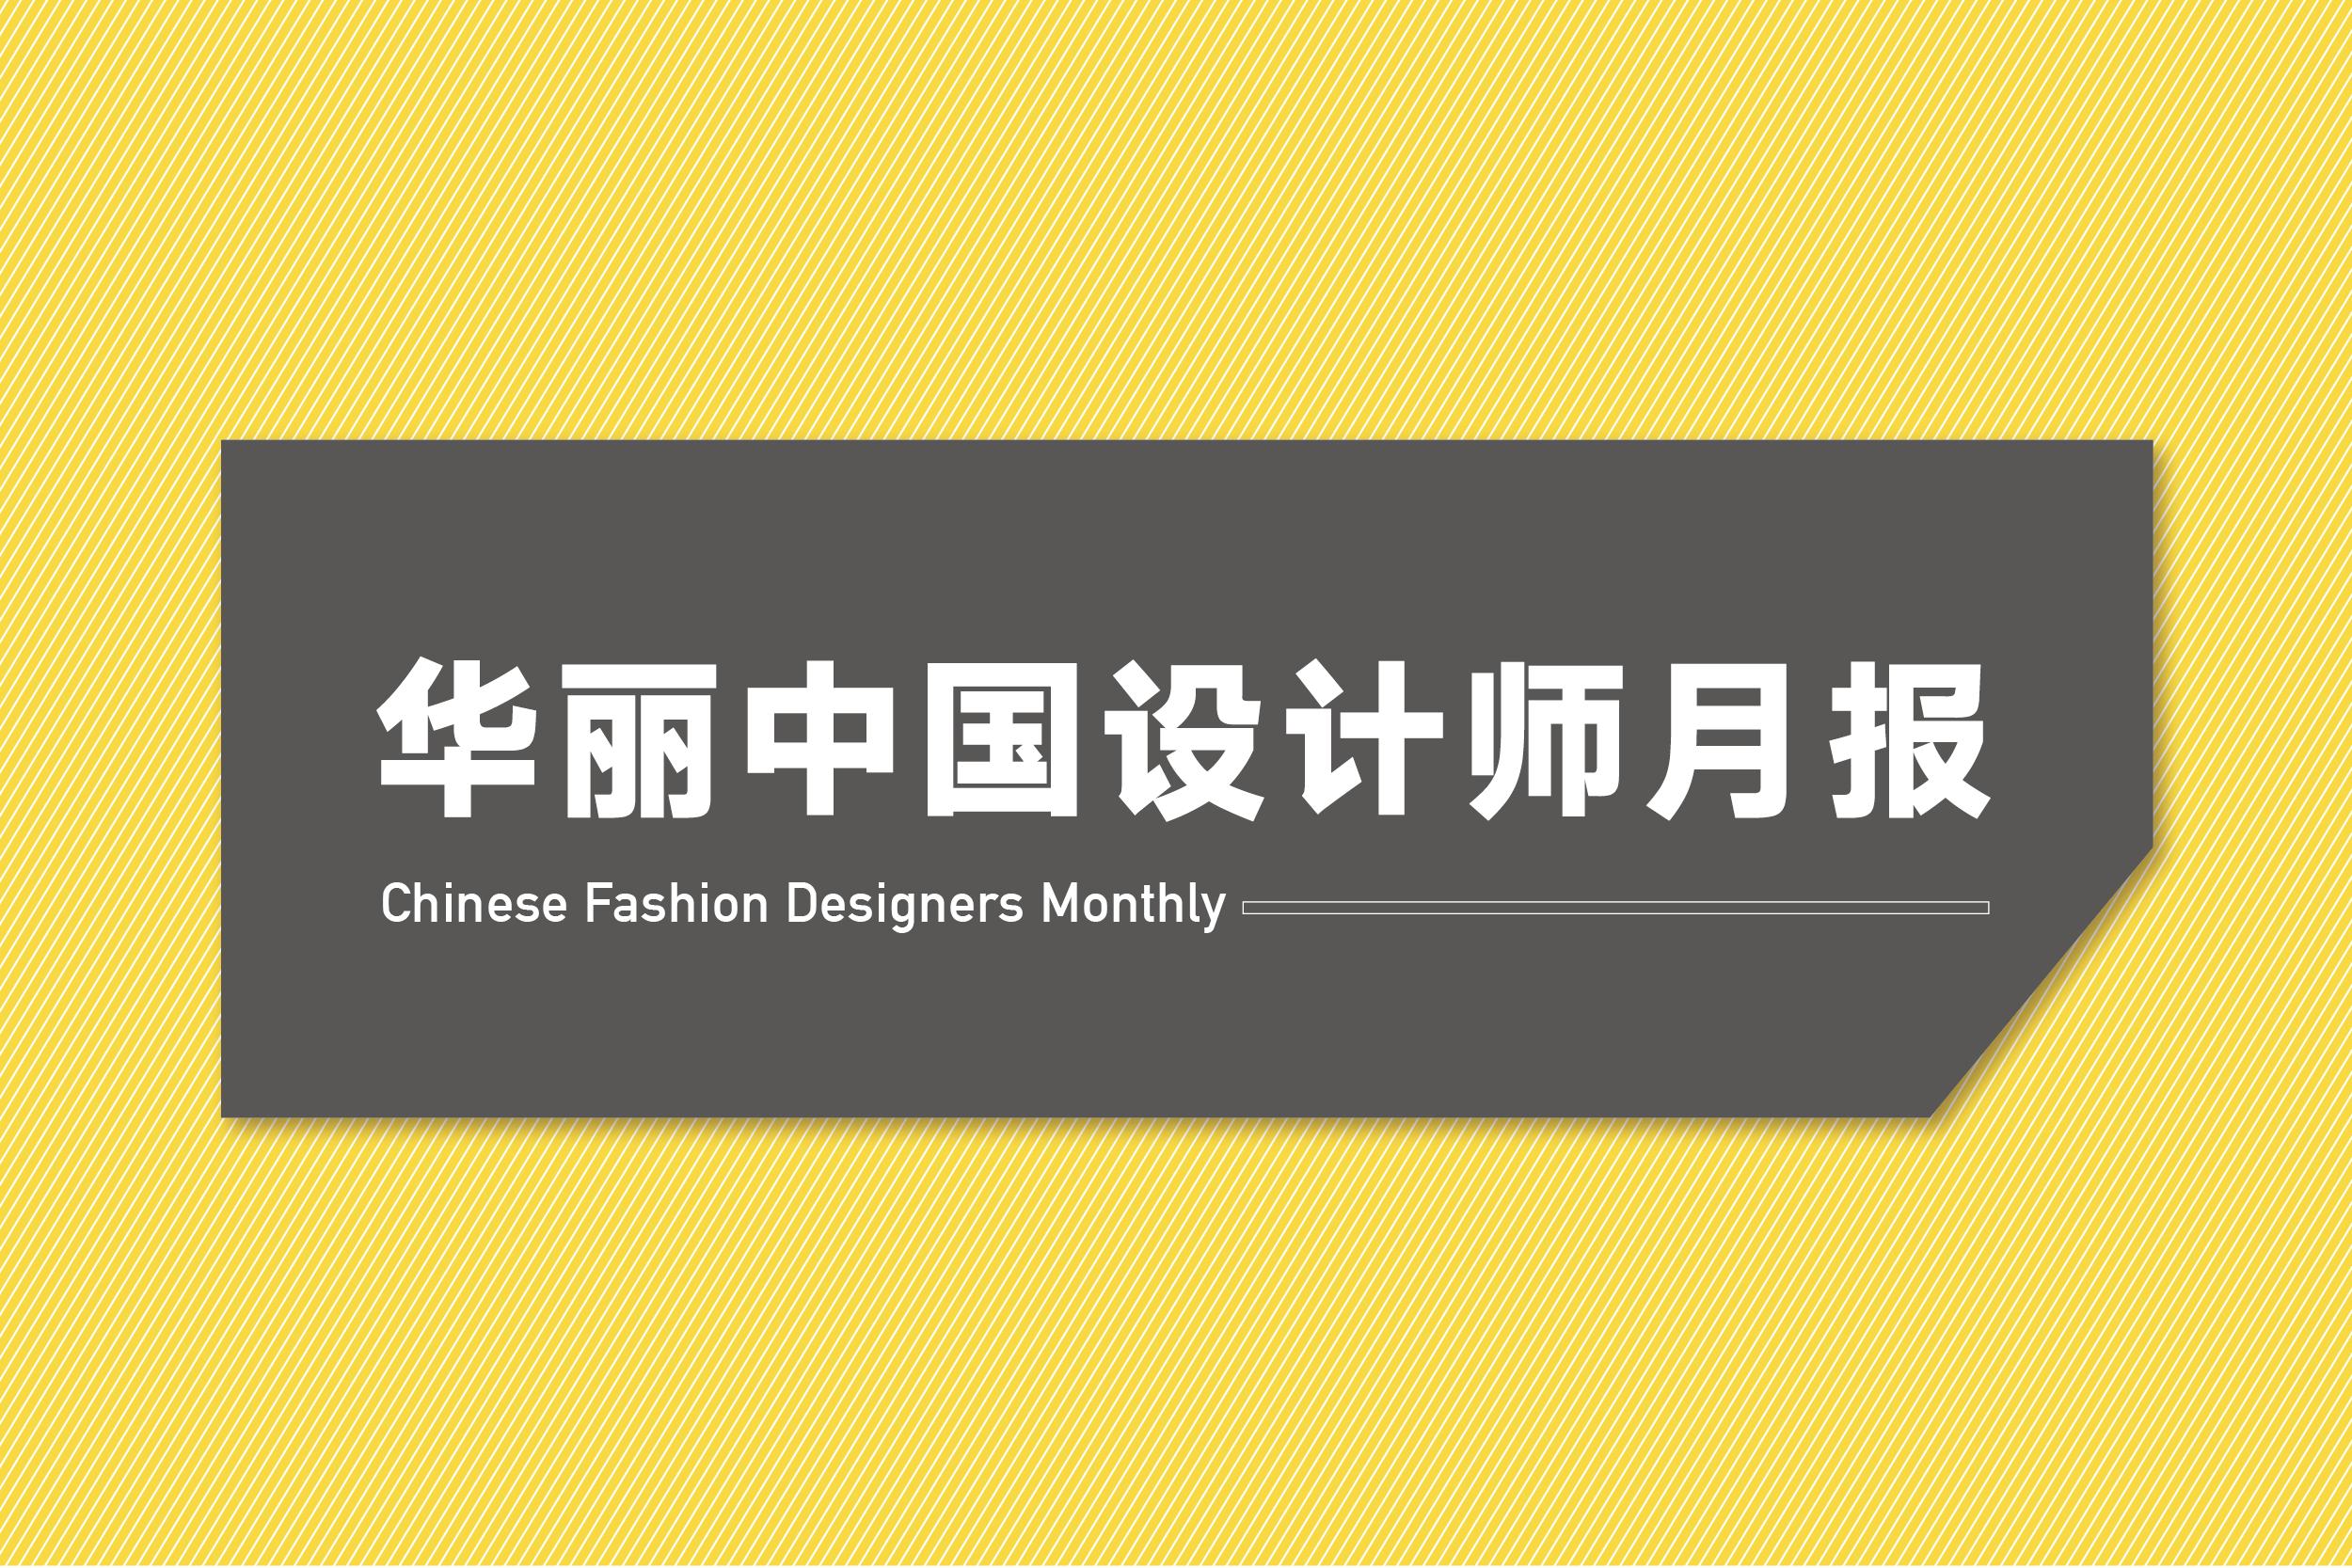 独立设计师与商业品牌一个月发生17起跨界合作,创历史新高|华丽中国设计师月报8月